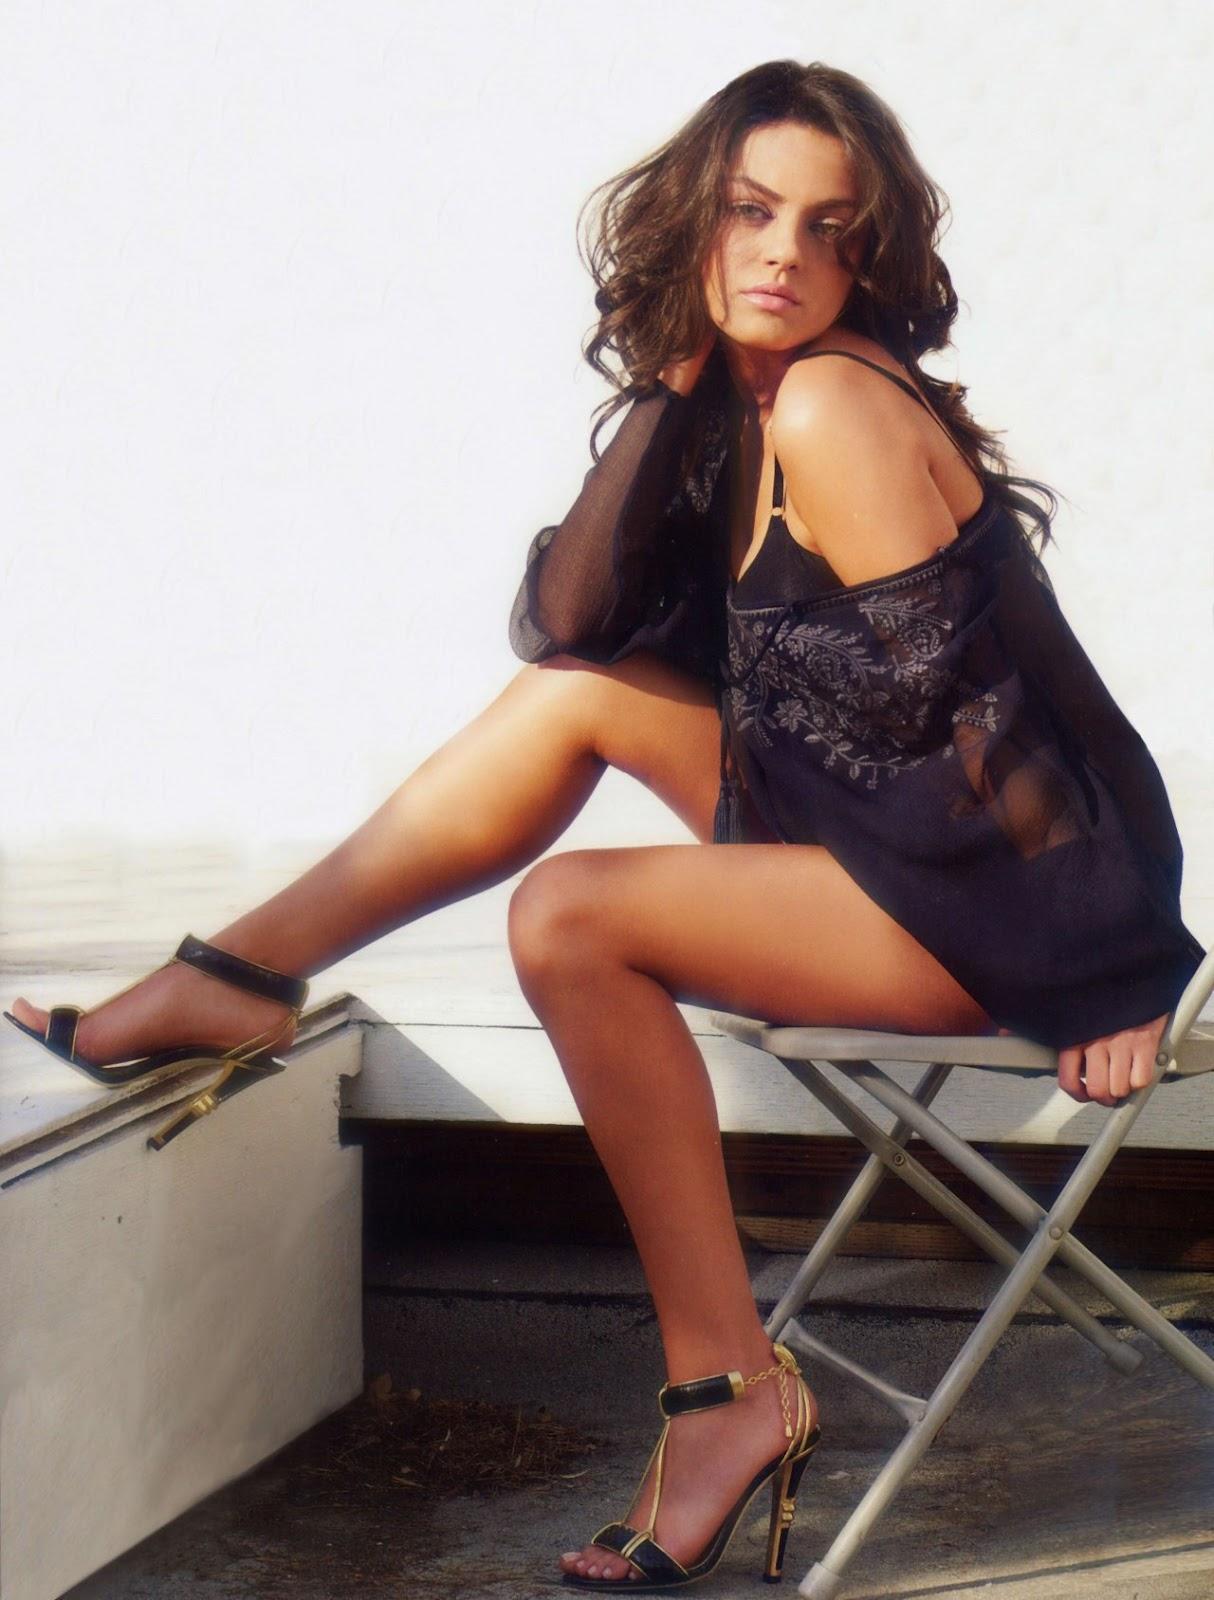 http://1.bp.blogspot.com/-O3u-Op_Hnio/T1BN7GRJgSI/AAAAAAABIZY/sPUei-EDESo/s1600/foto-foto-wanita-cantik-mila-kunis-17.jpg